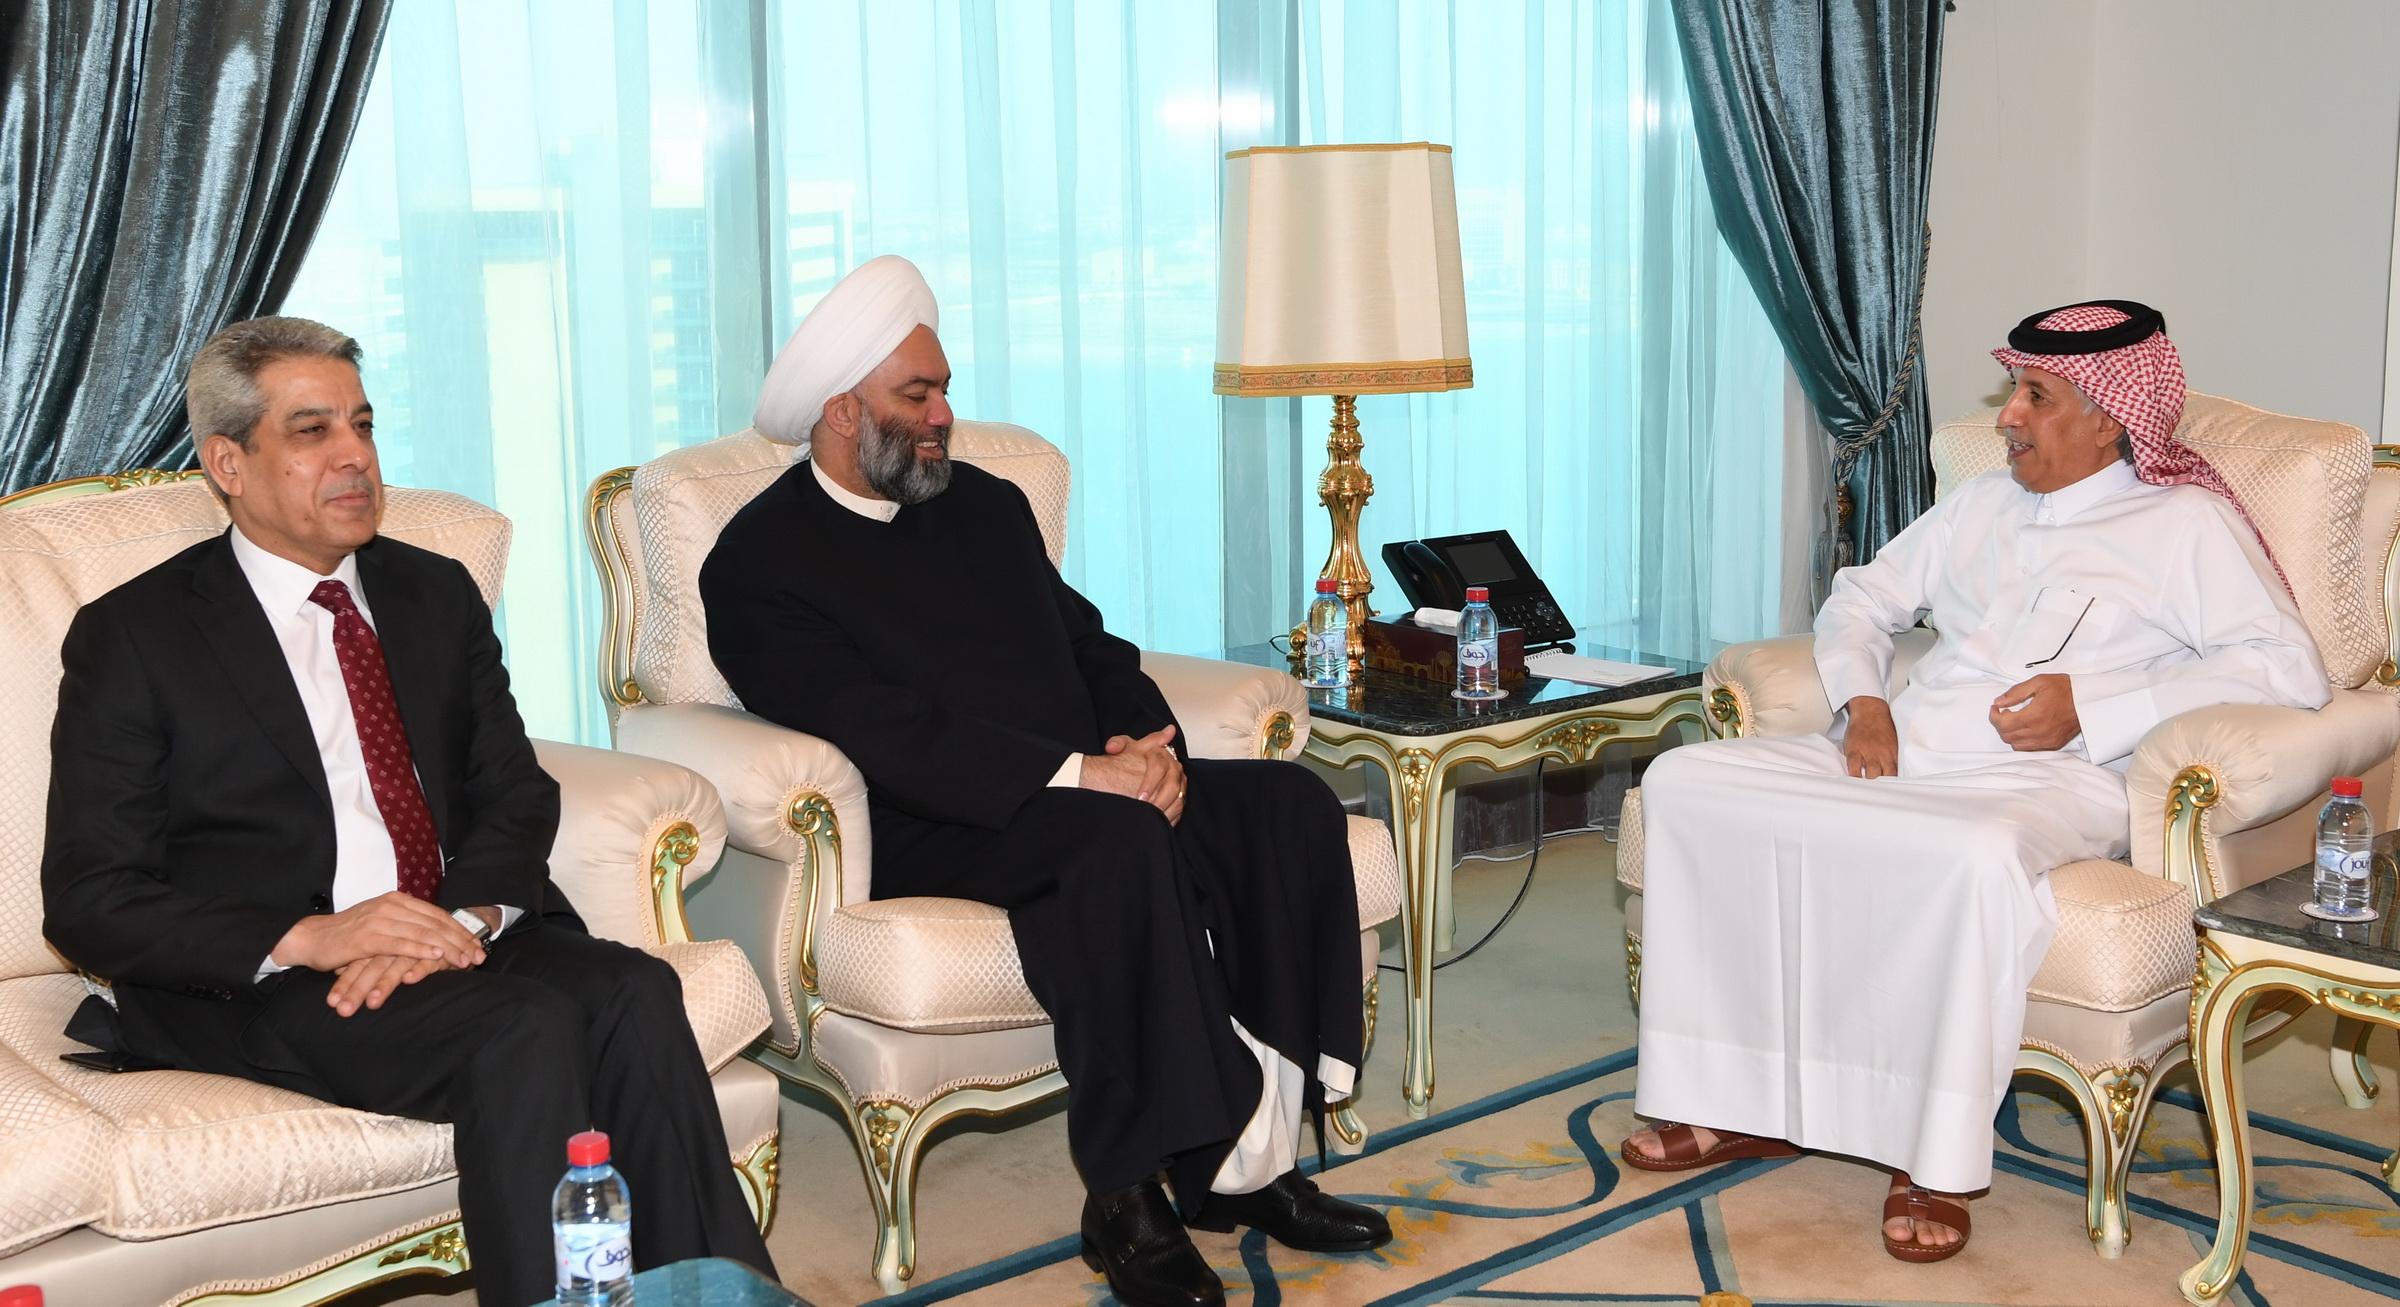 وزير الدولة للشؤون الخارجية يجتمع برئيس جماعة علماء العراق